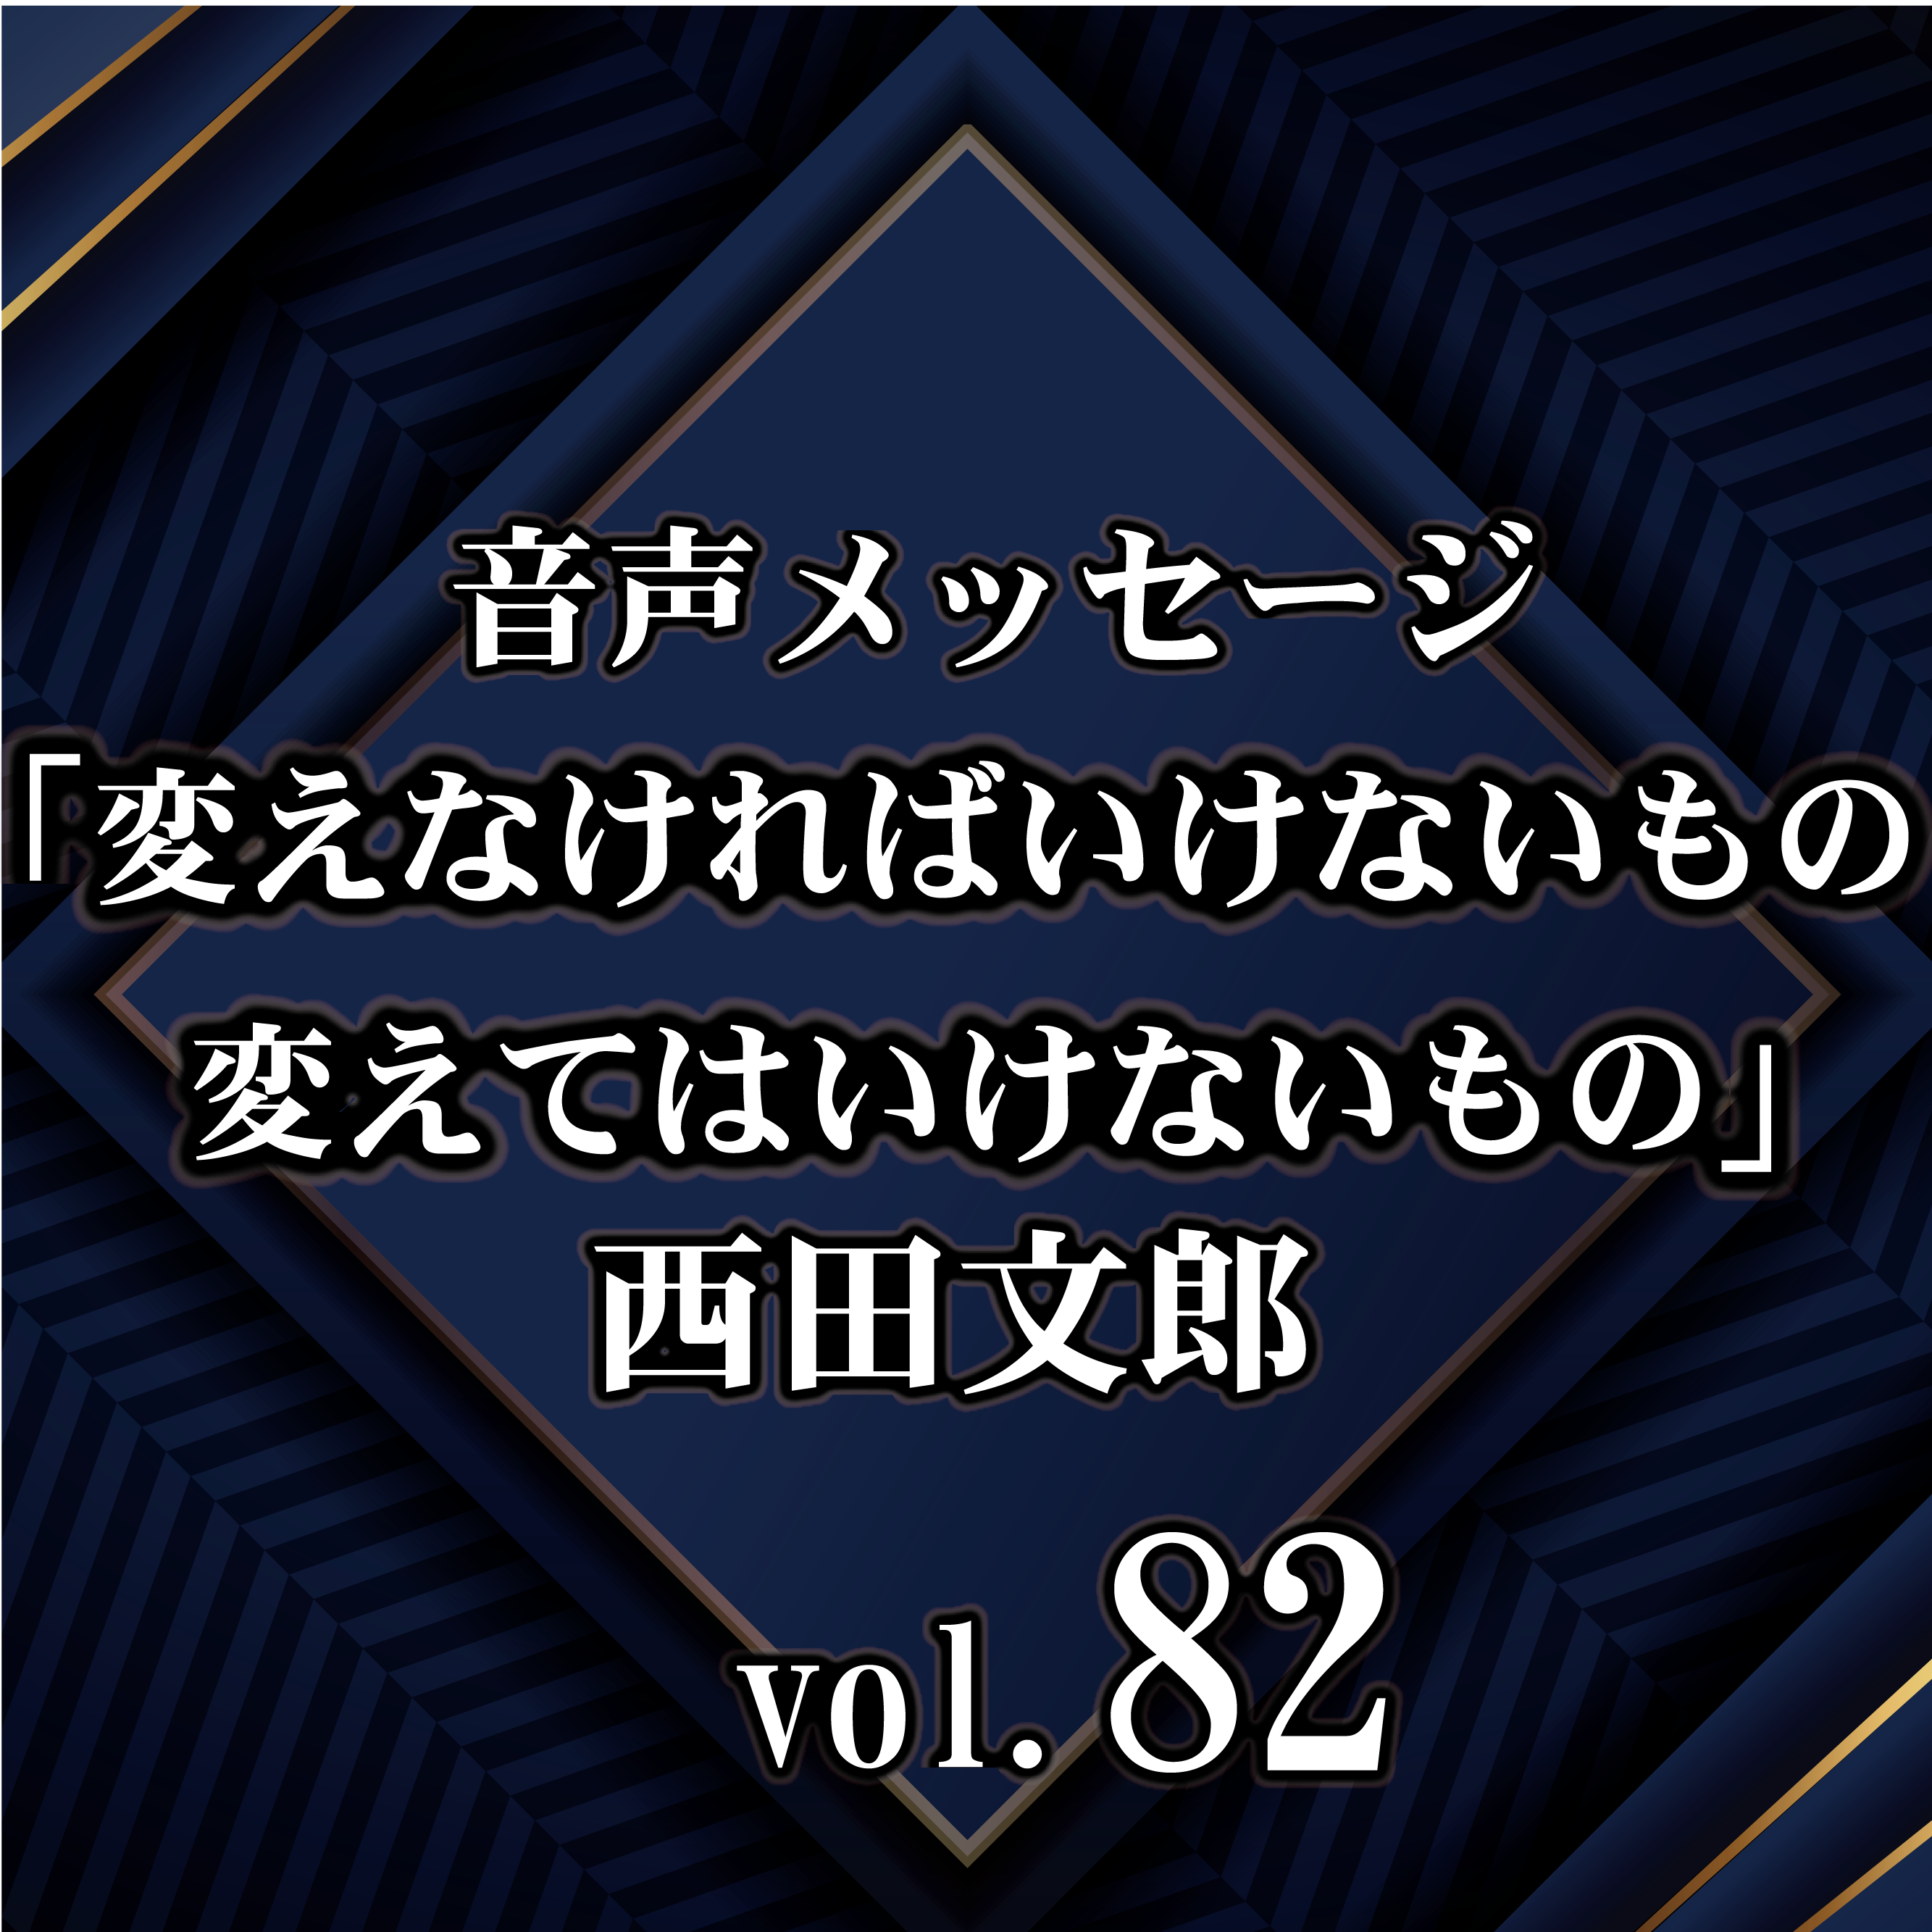 西田文郎 音声メッセージvol.82『変えなければいけないもの 変えてはいけないもの』